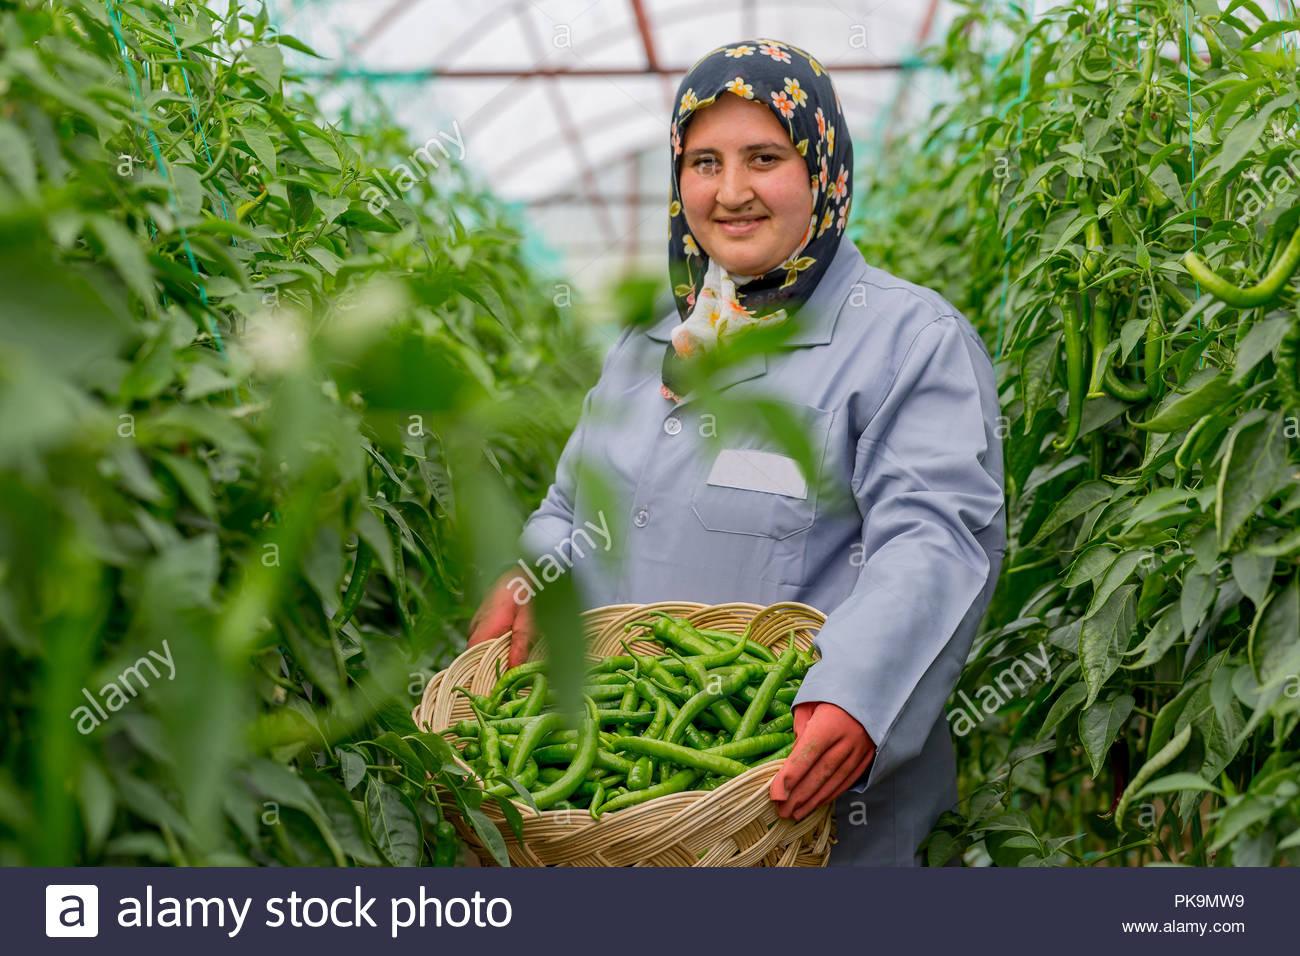 Female farmer harvesting green pepper in greenhouse - Stock Image